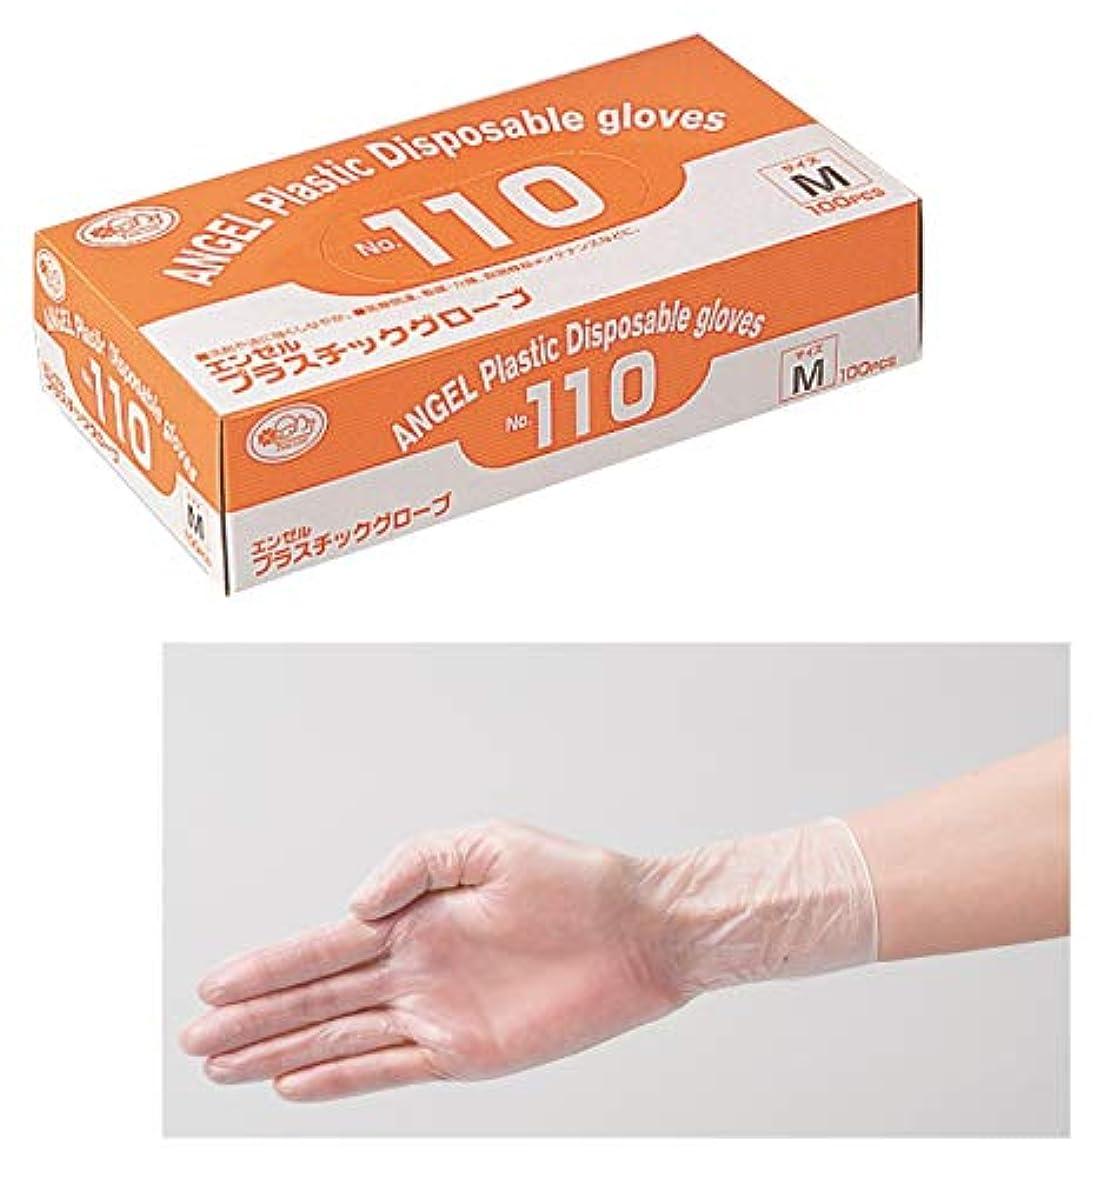 ファシズム出撃者オーラルサンフラワー No.110 プラスチックグローブ 粉付 100枚入り (L)